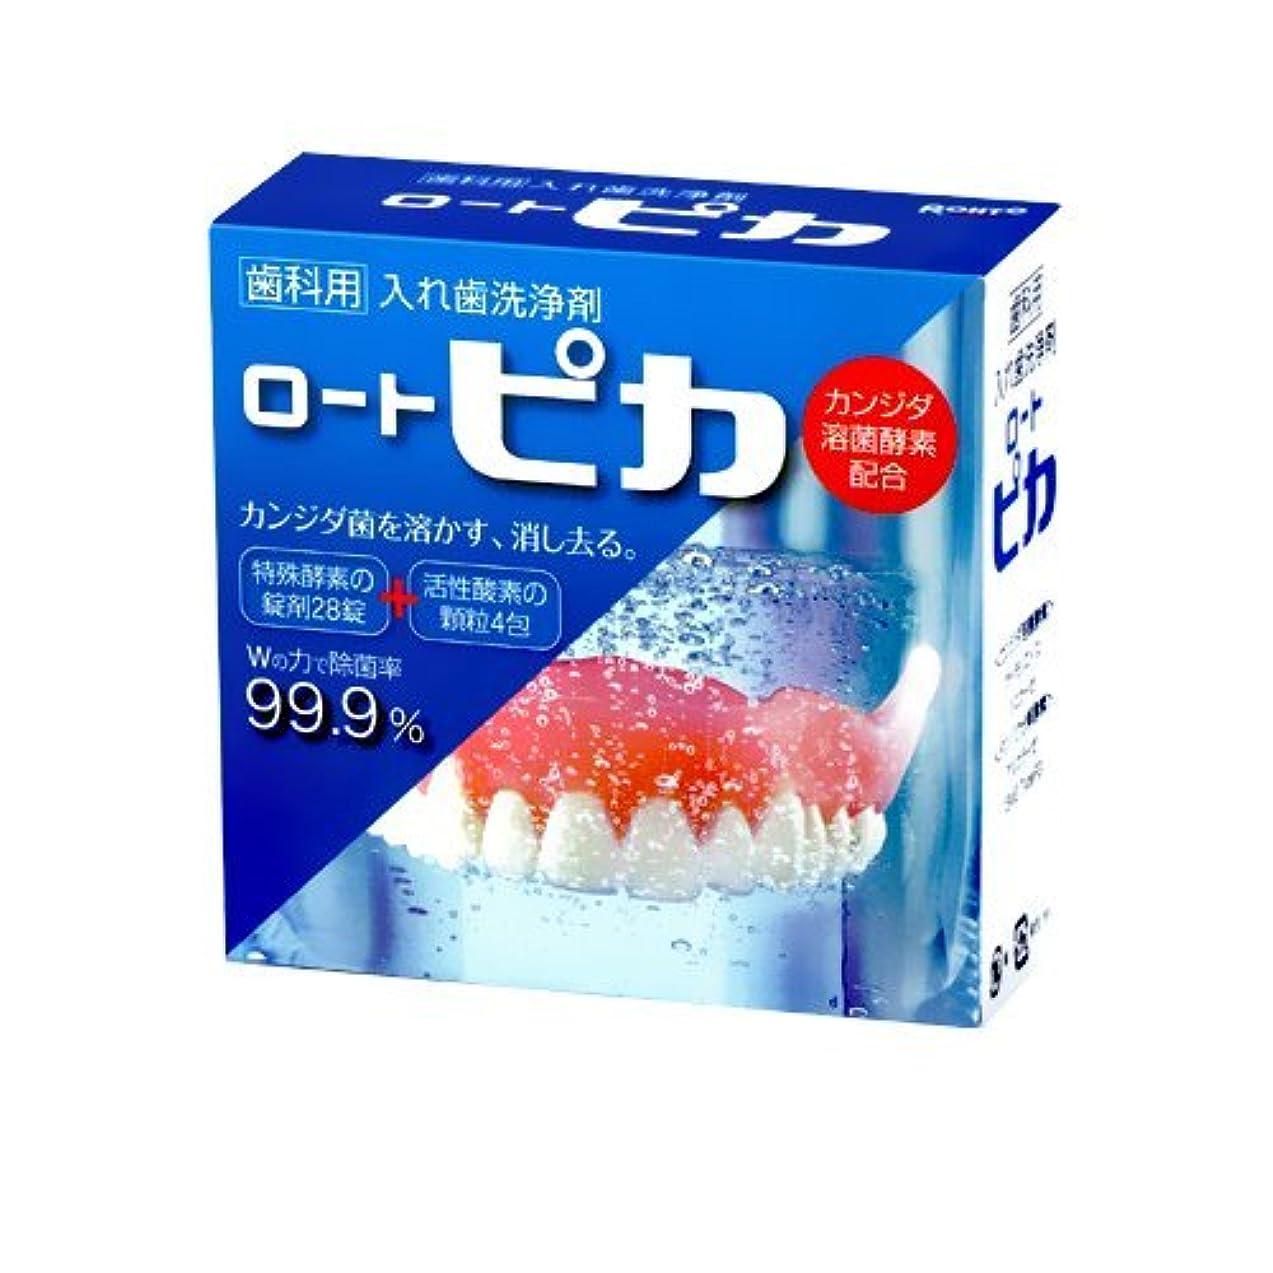 たとえ研磨滅びる松風 ピカ 義歯洗浄剤 7箱入